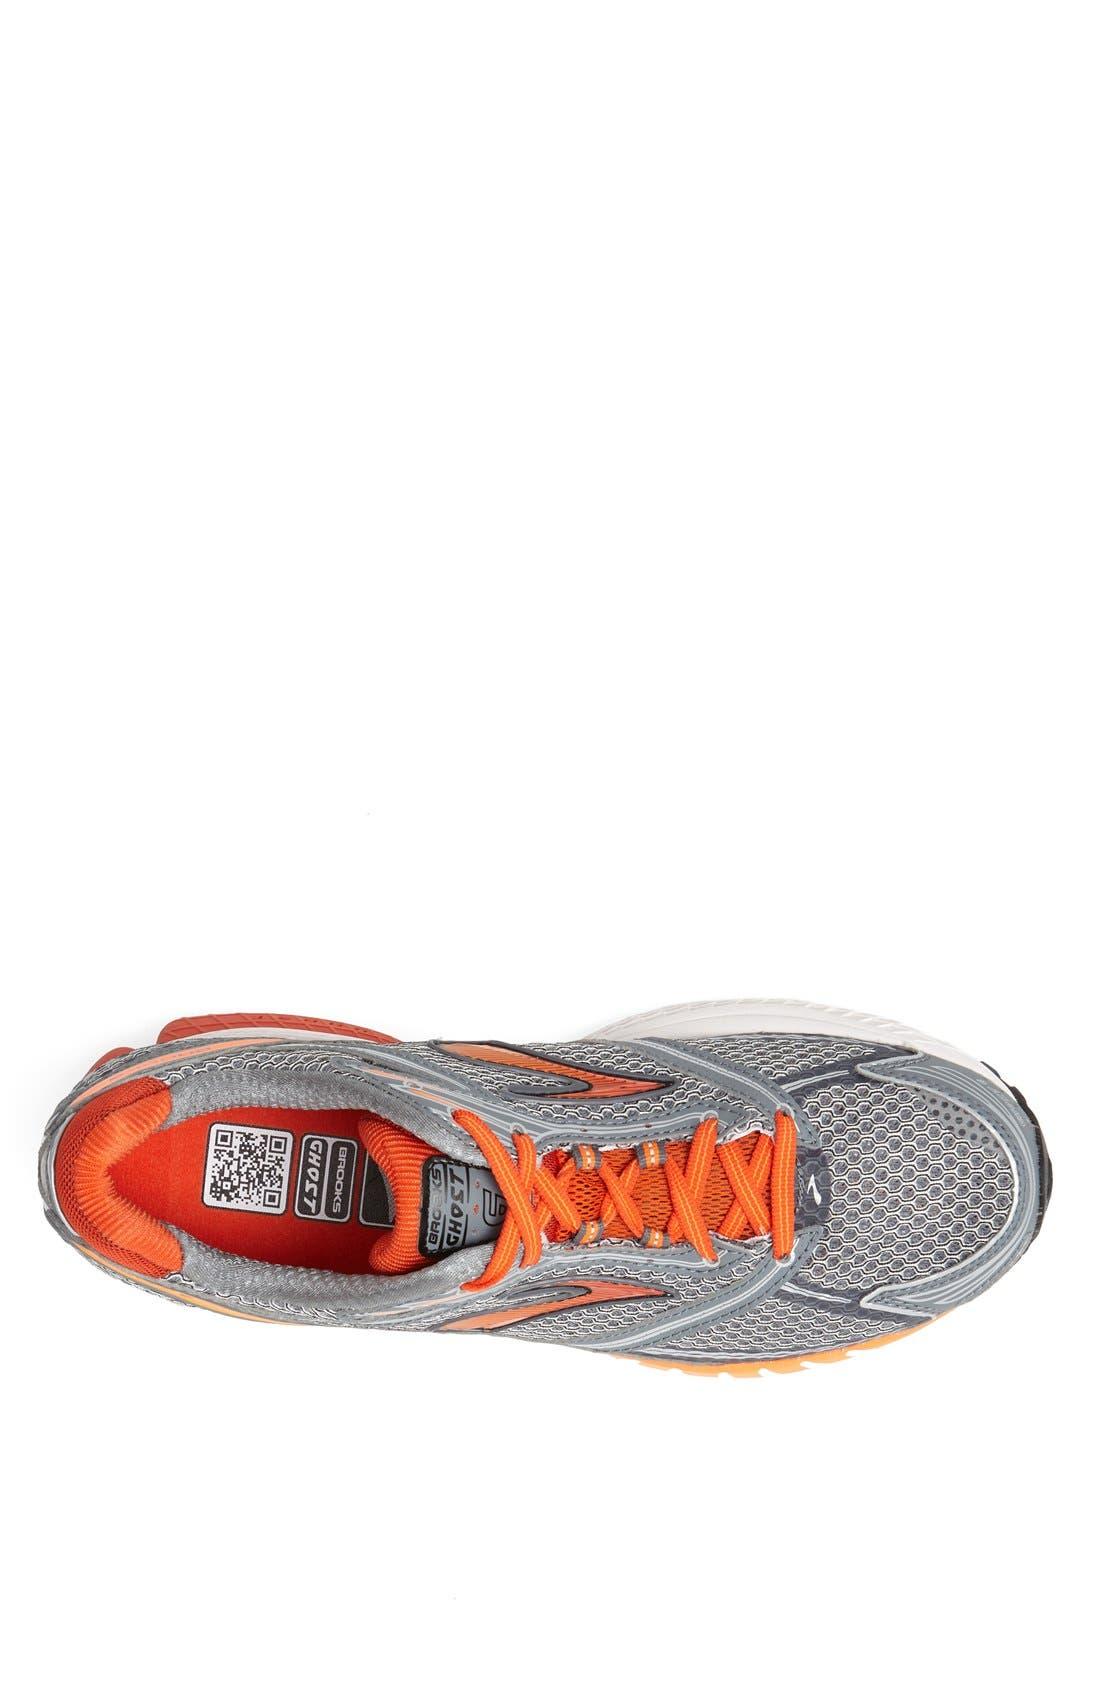 Alternate Image 3  - Brooks 'Ghost 6' Running Shoe (Men) (Regular Retail Price: $109.95)